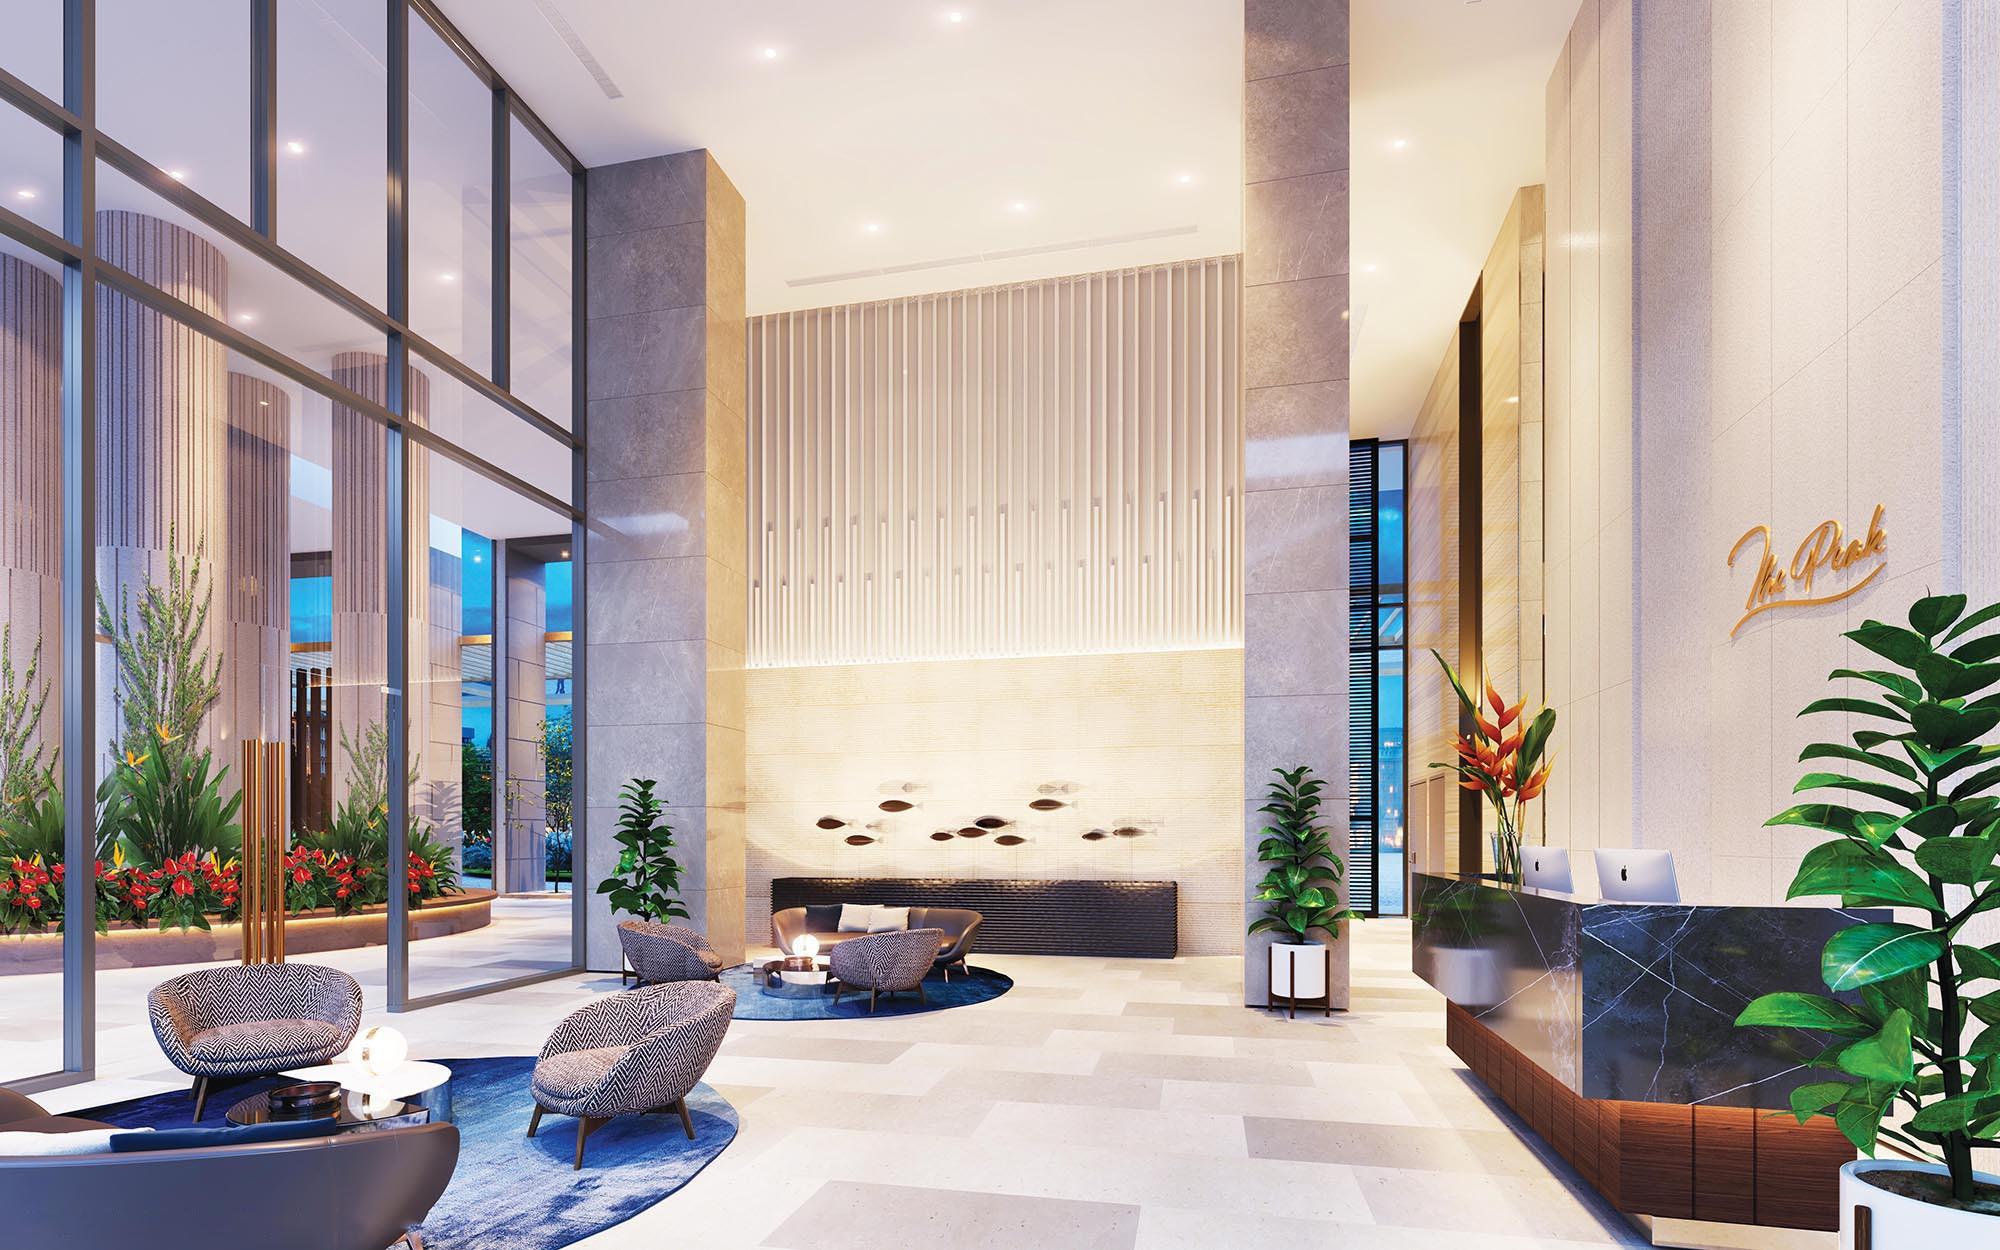 Phú Mỹ Hưng và bài toán định hình khái niệm bất động sản cao cấp riêng biệt - Ảnh 14.